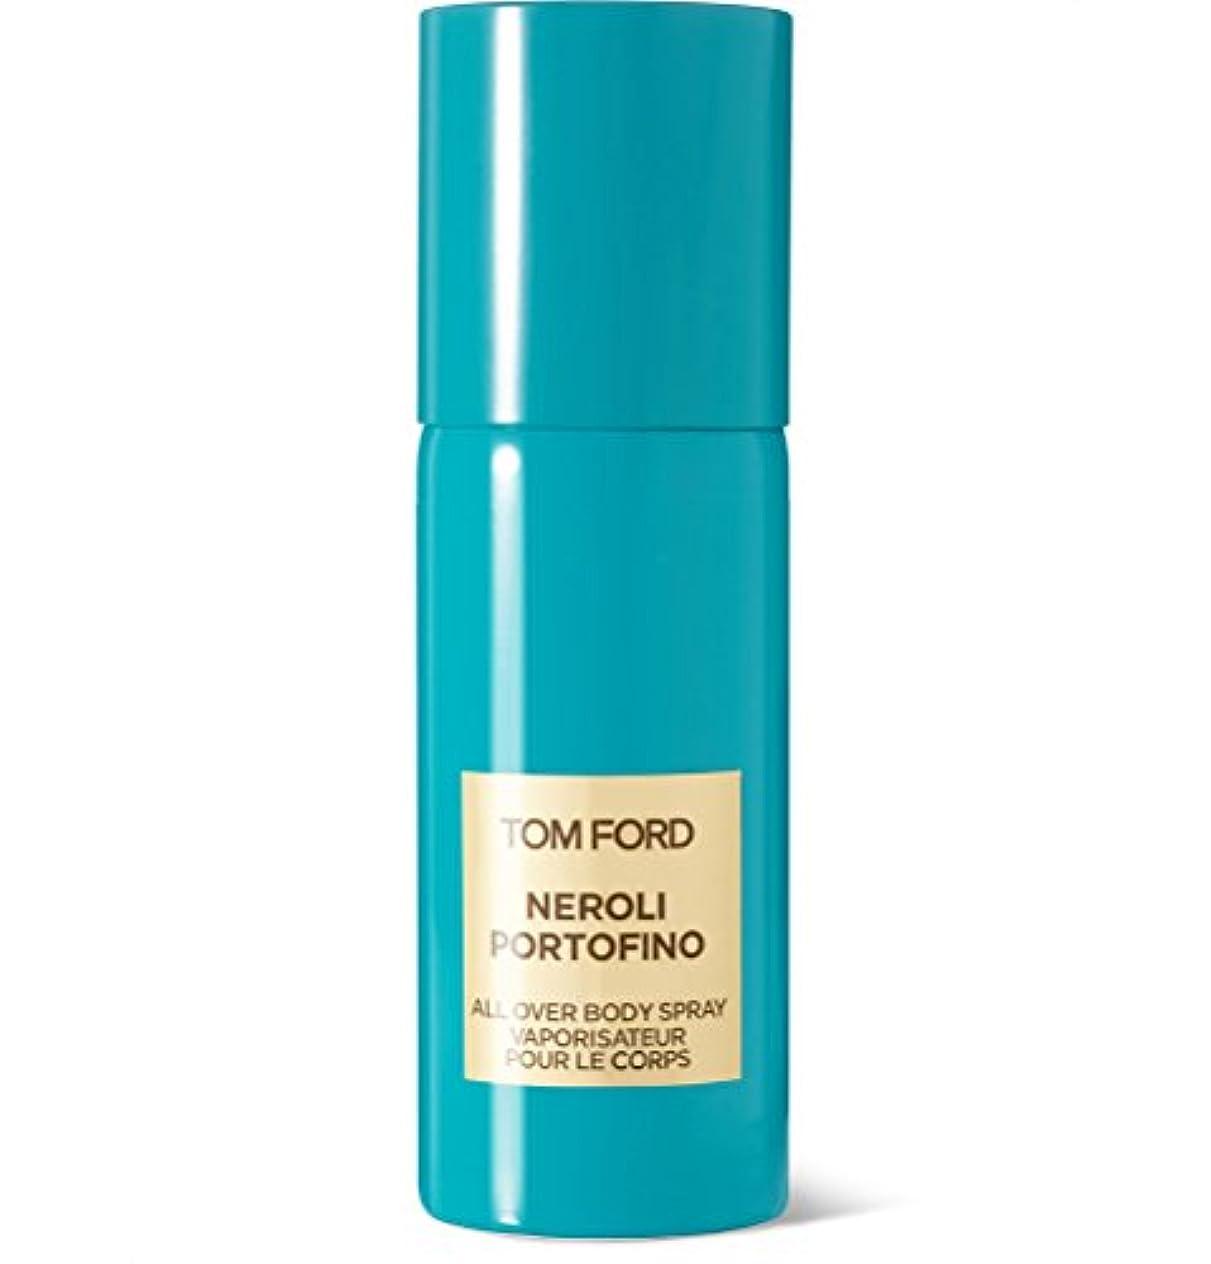 つまずくお風呂細部Tom Ford Private Blend 'Neroli Portofino' (トムフォード プライベートブレンド ネロリポートフィーノ) 5.0 oz (150ml) Body Spray